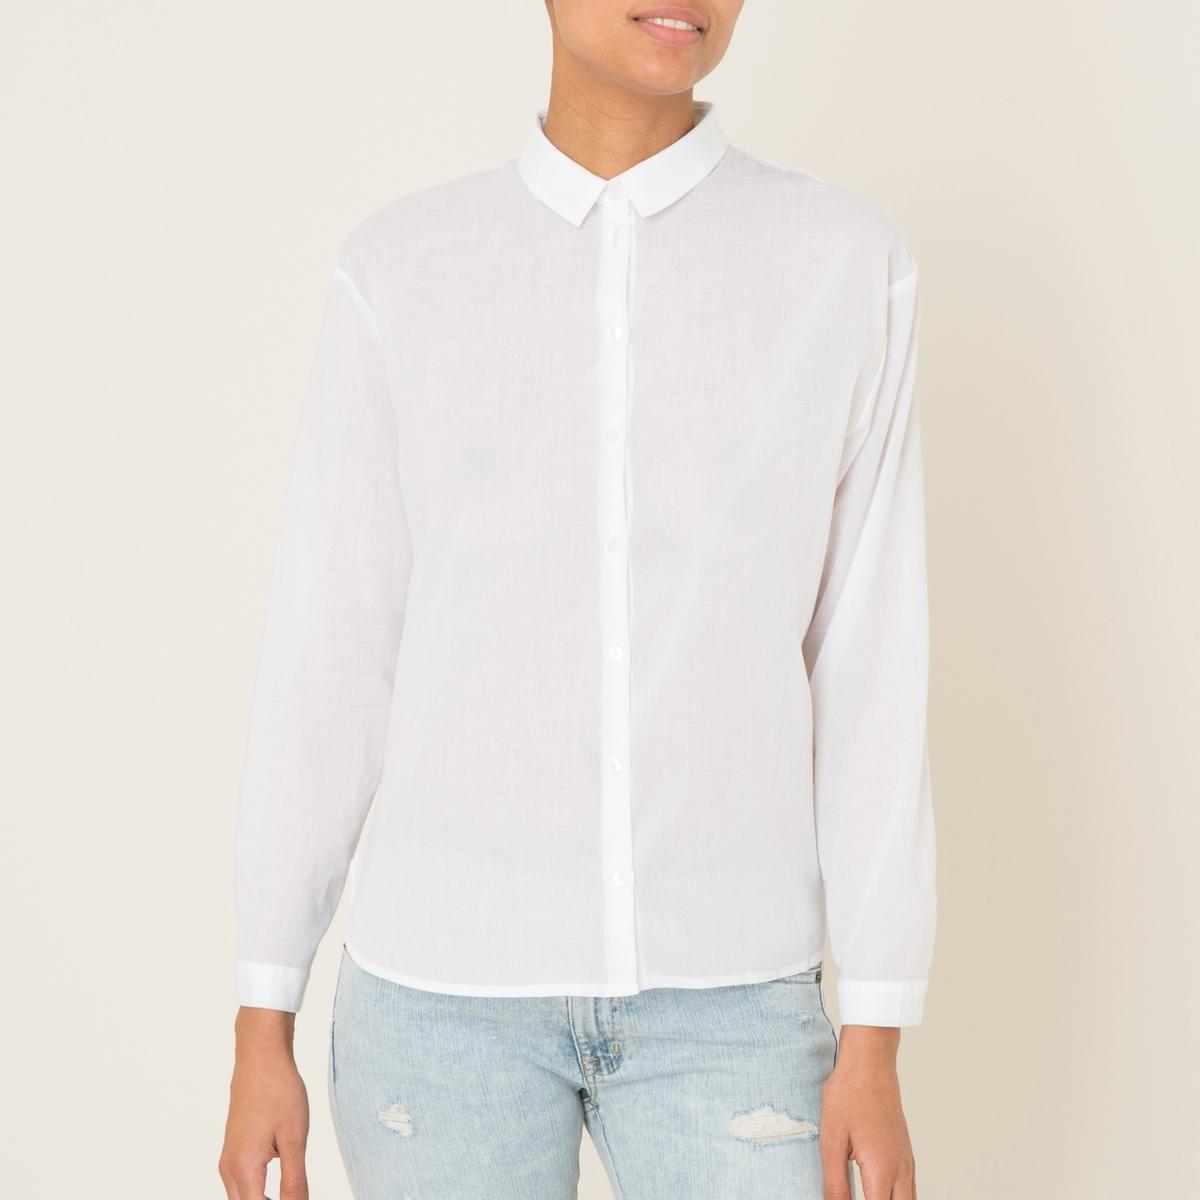 Рубашка однотоннаяСостав и описание    Материал : вуаль 100% хлопка.   Марка : HARRIS WILSON<br><br>Цвет: белый,голубой<br>Размер: L.L